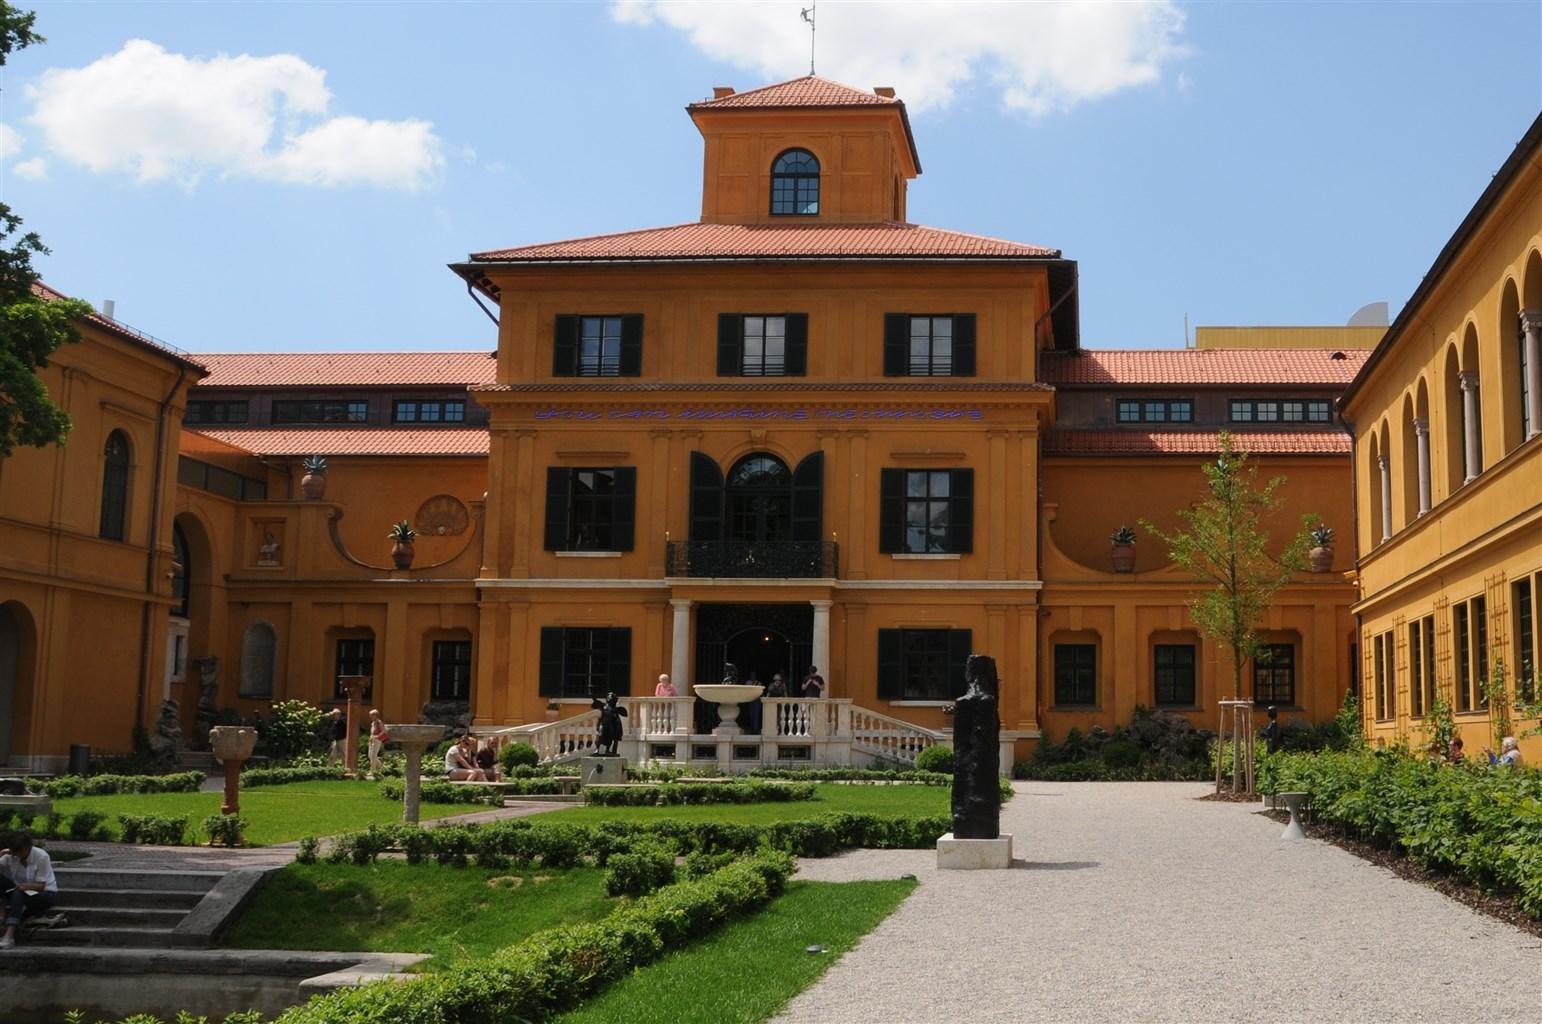 orangenes Herrenhaus mit Garten und Gehweg von vorne